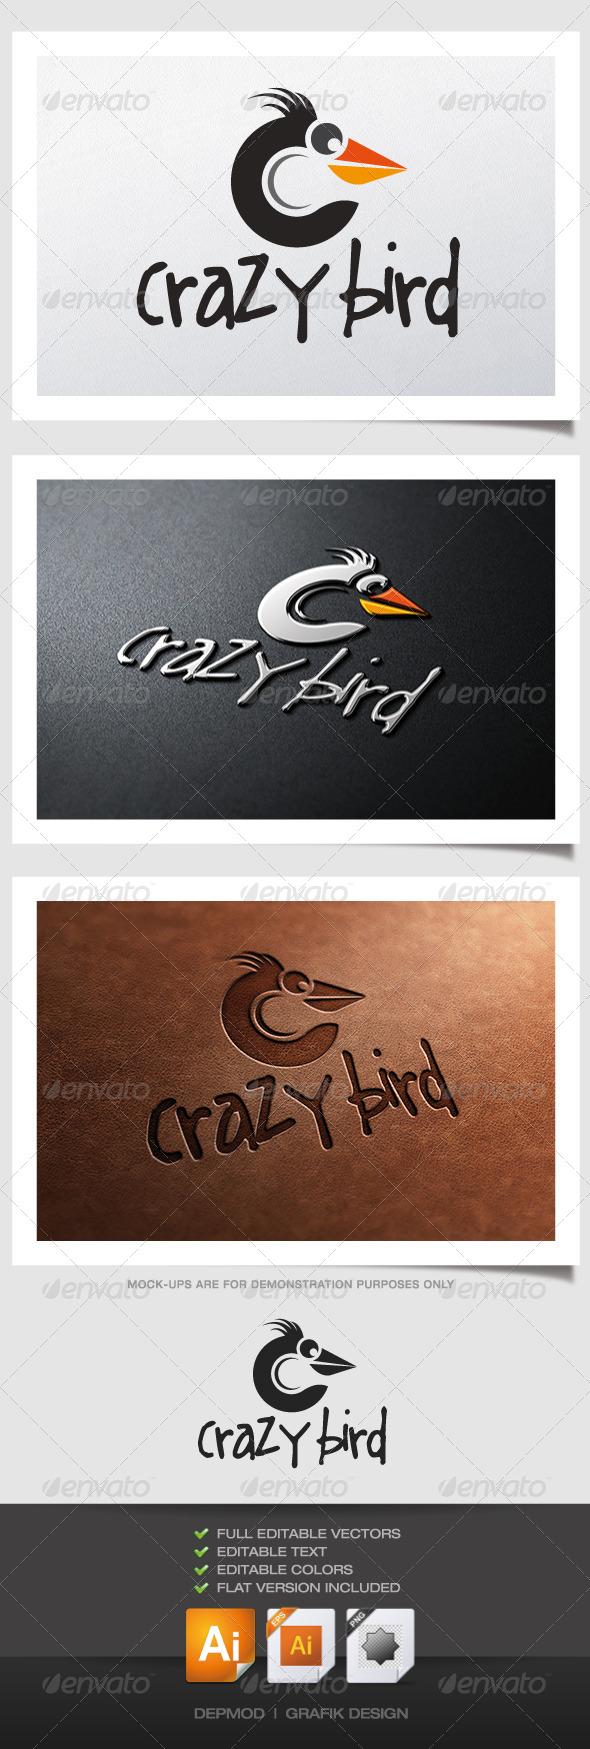 GraphicRiver Crazy Bird Logo 4731961